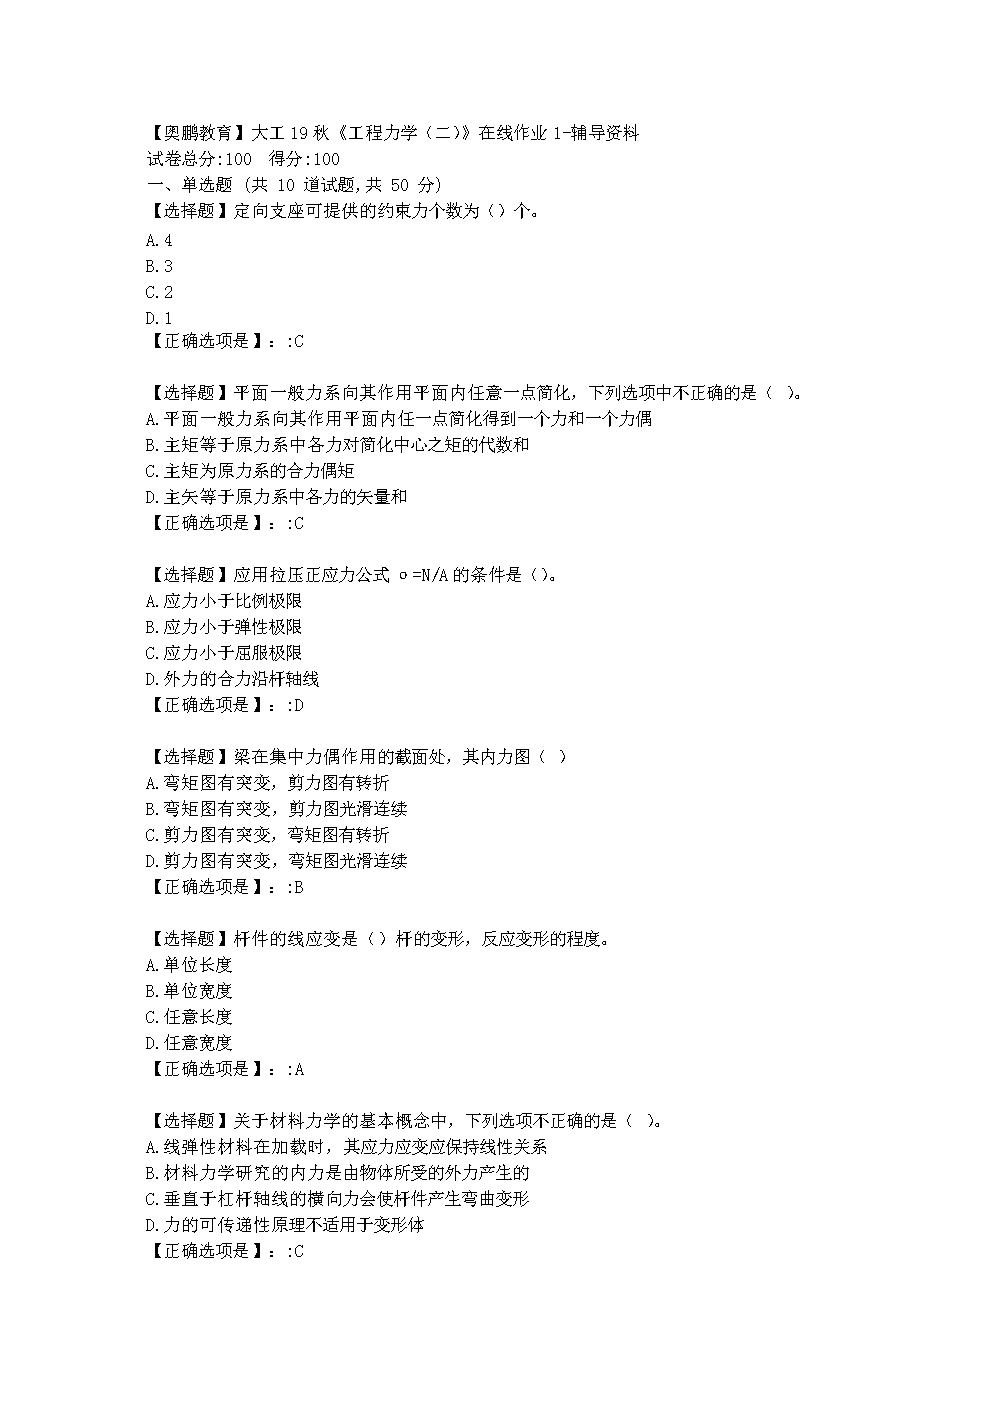 大连理工大学19秋《工程力学(二)》在线作业1学习资料.doc